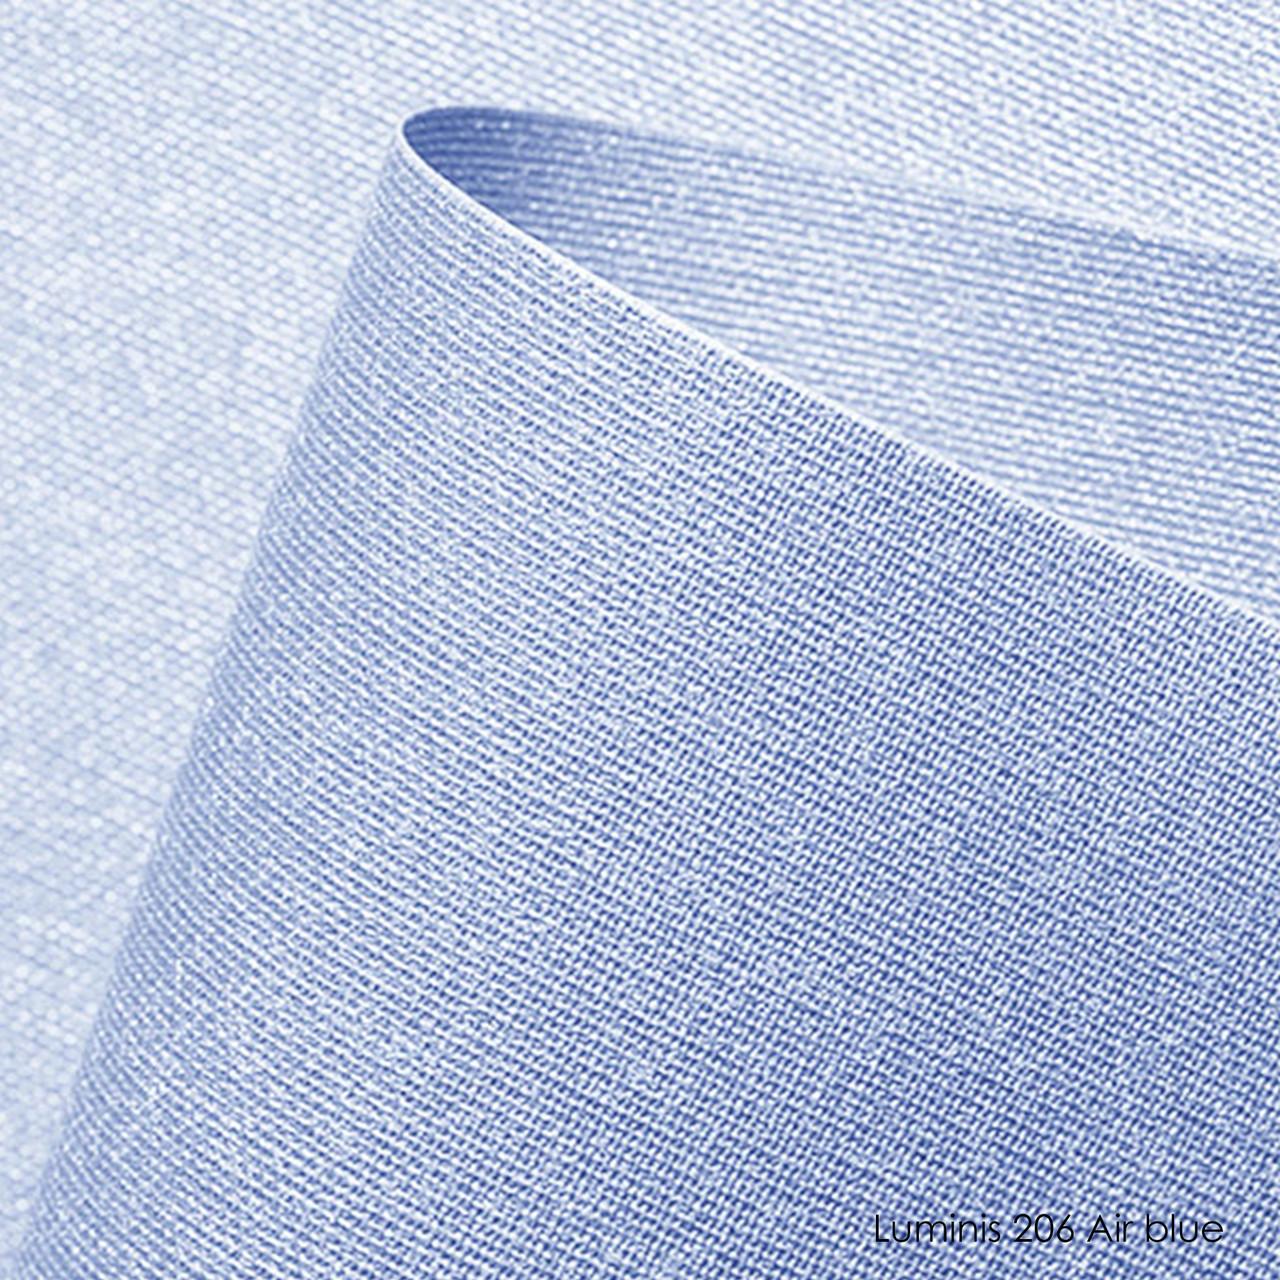 Ролети тканинні Залишившись-206 air-blue